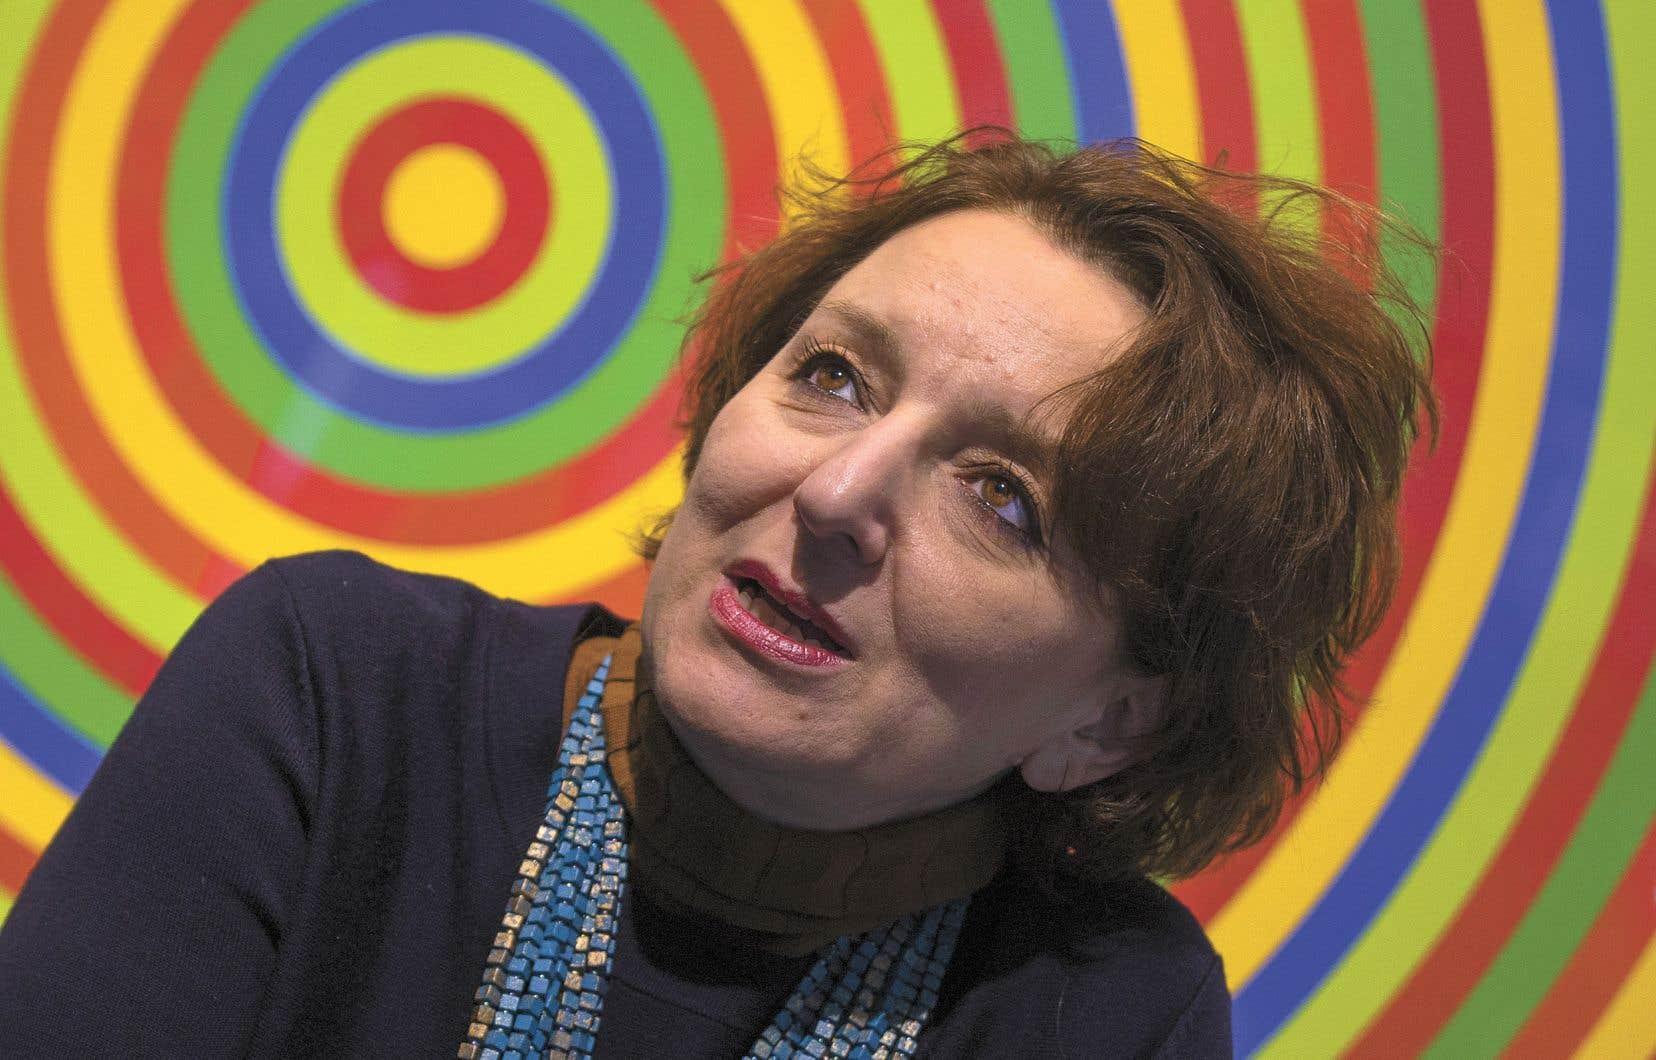 La sociologue Eva Illouz, co-auteure d'«Happycratie», estime que nous sommes subjugués par la pensée positive et ses accointances avec l'idéologie néolibérale.